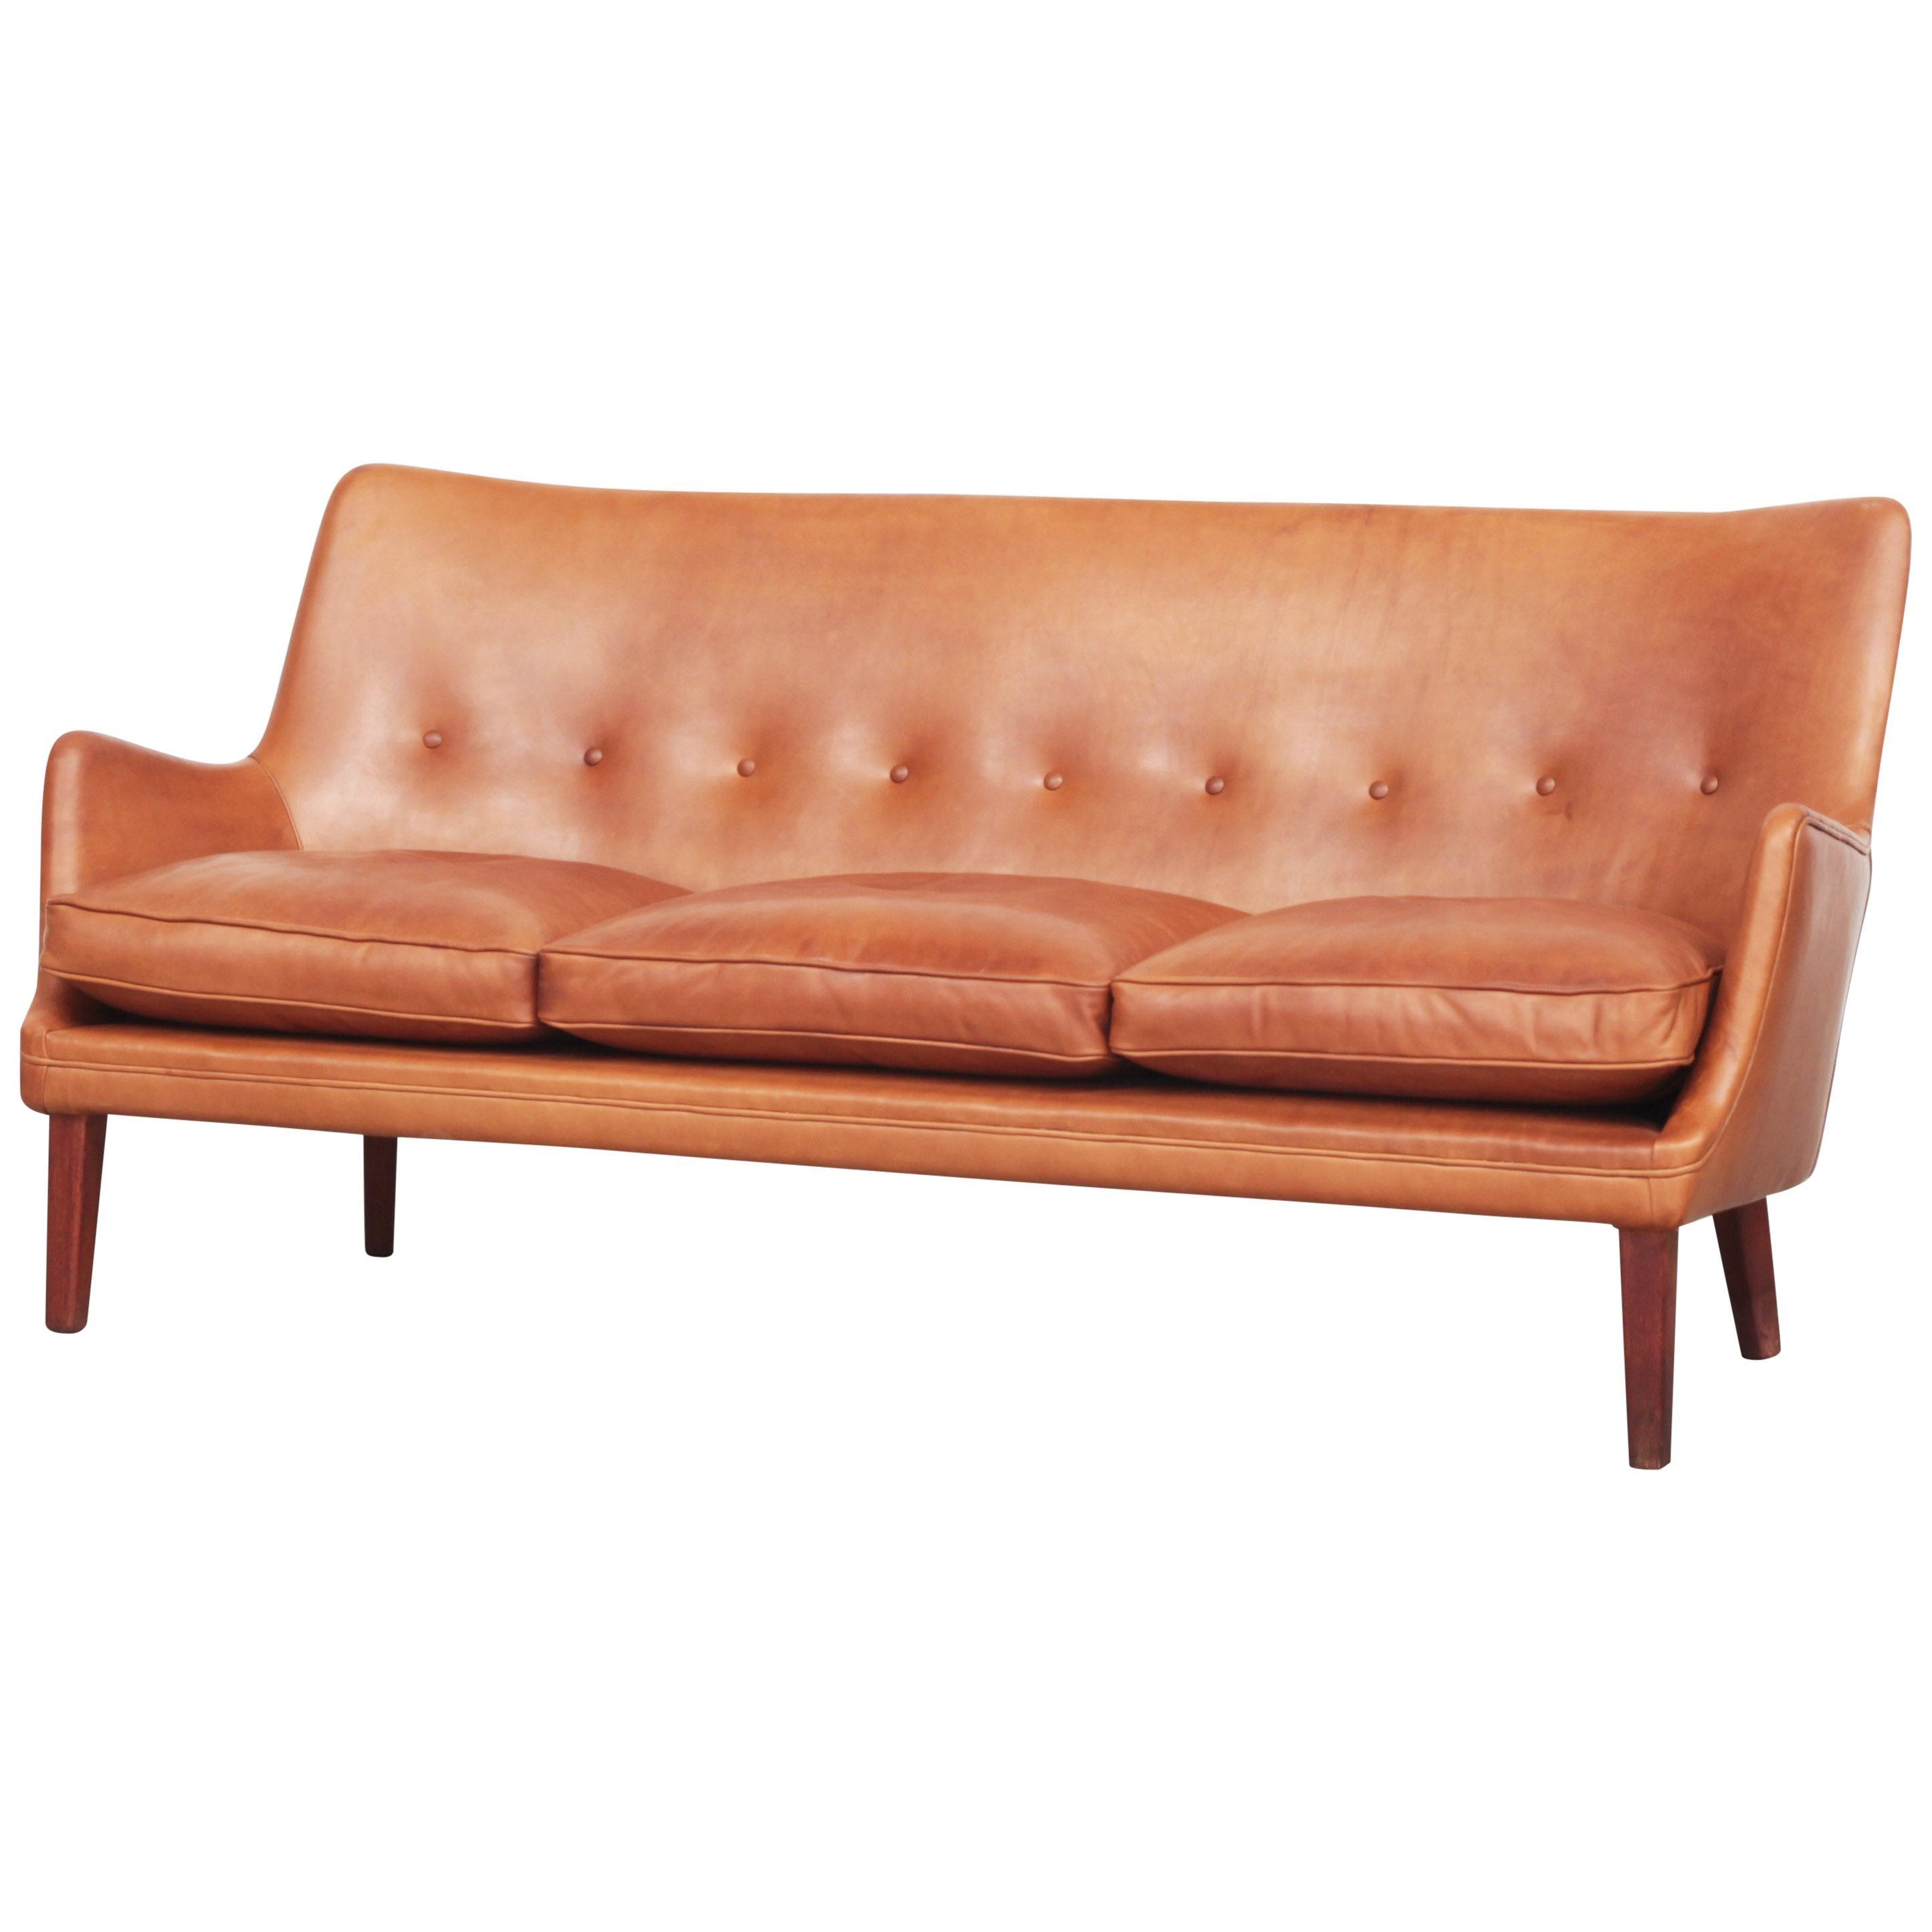 Rare Three-Seat Sofa by Arne Vodder for Ivan Schlechter, Denmark, 1953